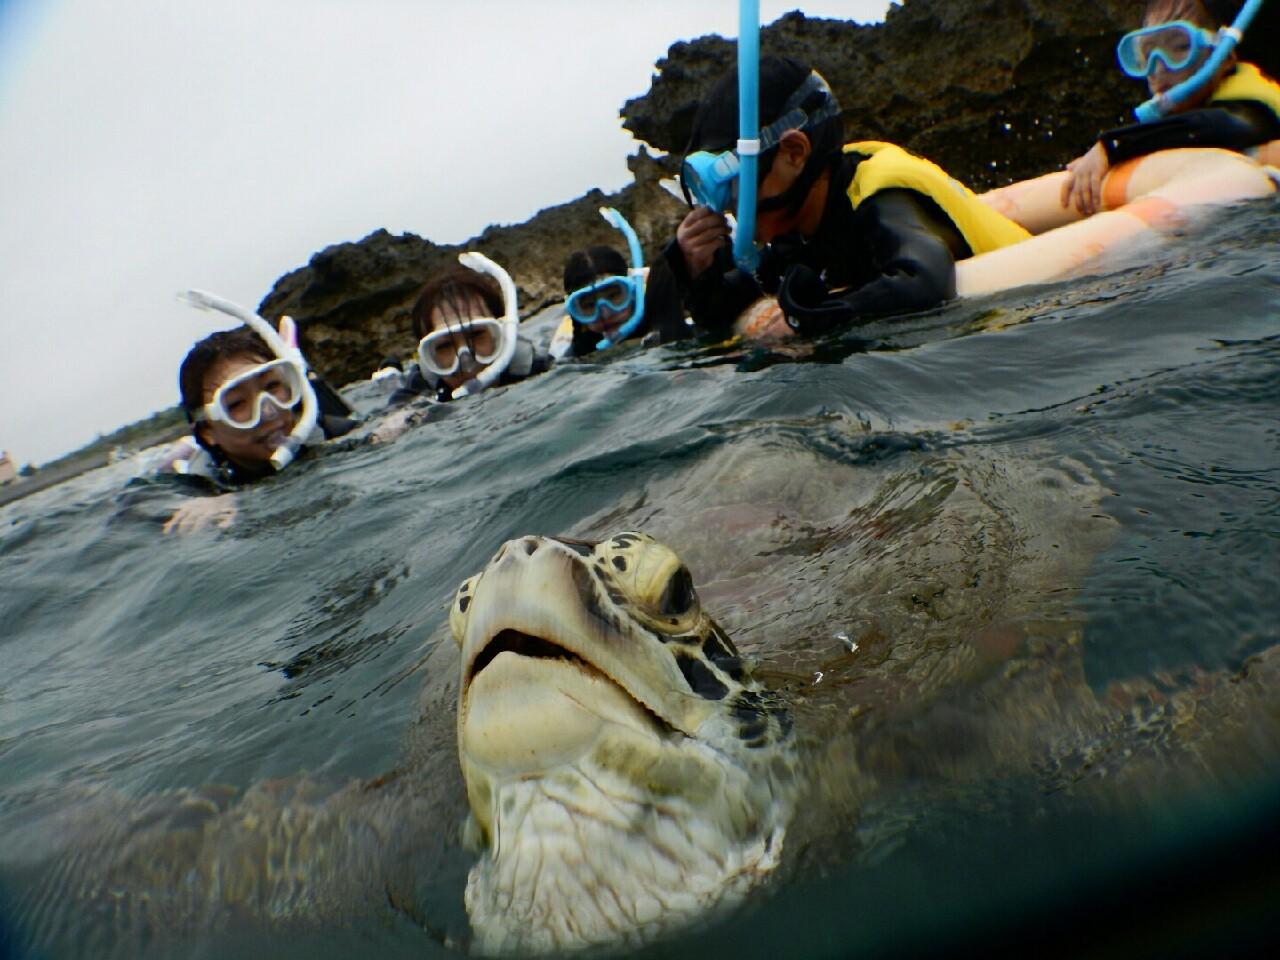 浮き輪でウミガメを見に行ったら息継ぎしてました